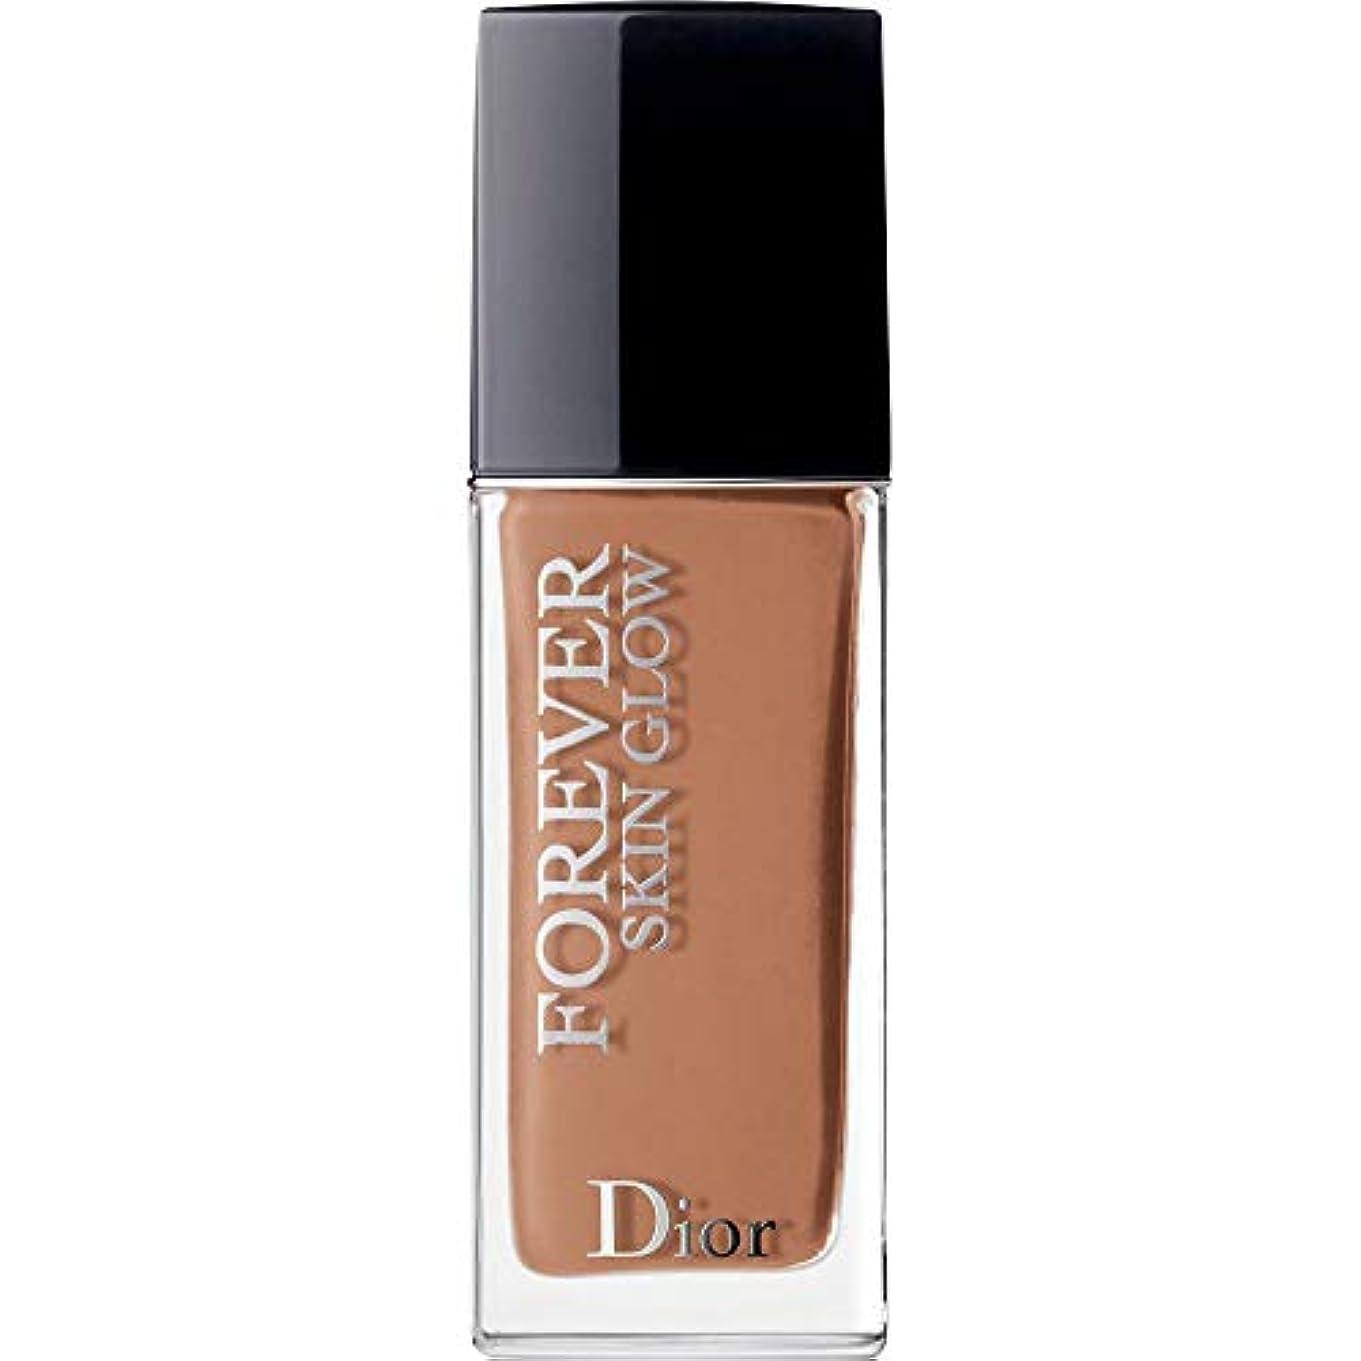 現代受動的キルス[DIOR] ディオール永遠に皮膚グロー皮膚思いやりの基礎Spf35 30ミリリットルの5N - ニュートラル(肌の輝き) - DIOR Forever Skin Glow Skin-Caring Foundation SPF35 30ml 5N - Neutral (Skin Glow) [並行輸入品]